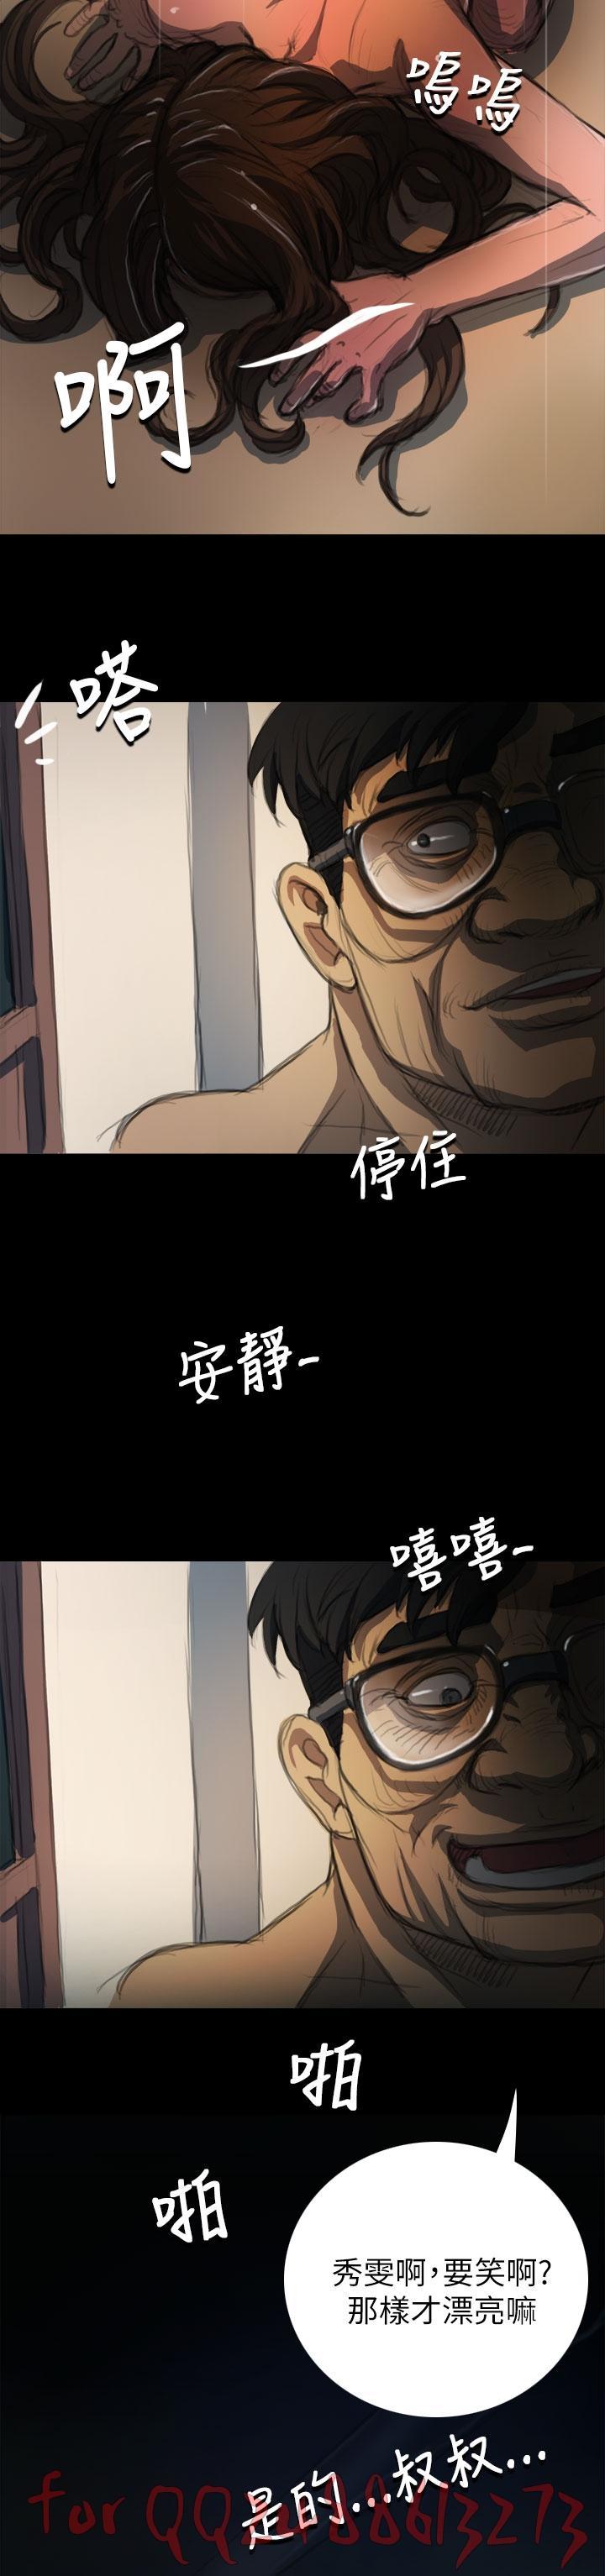 姊姊: 莲 第1~10話 [Chinese]中文 164